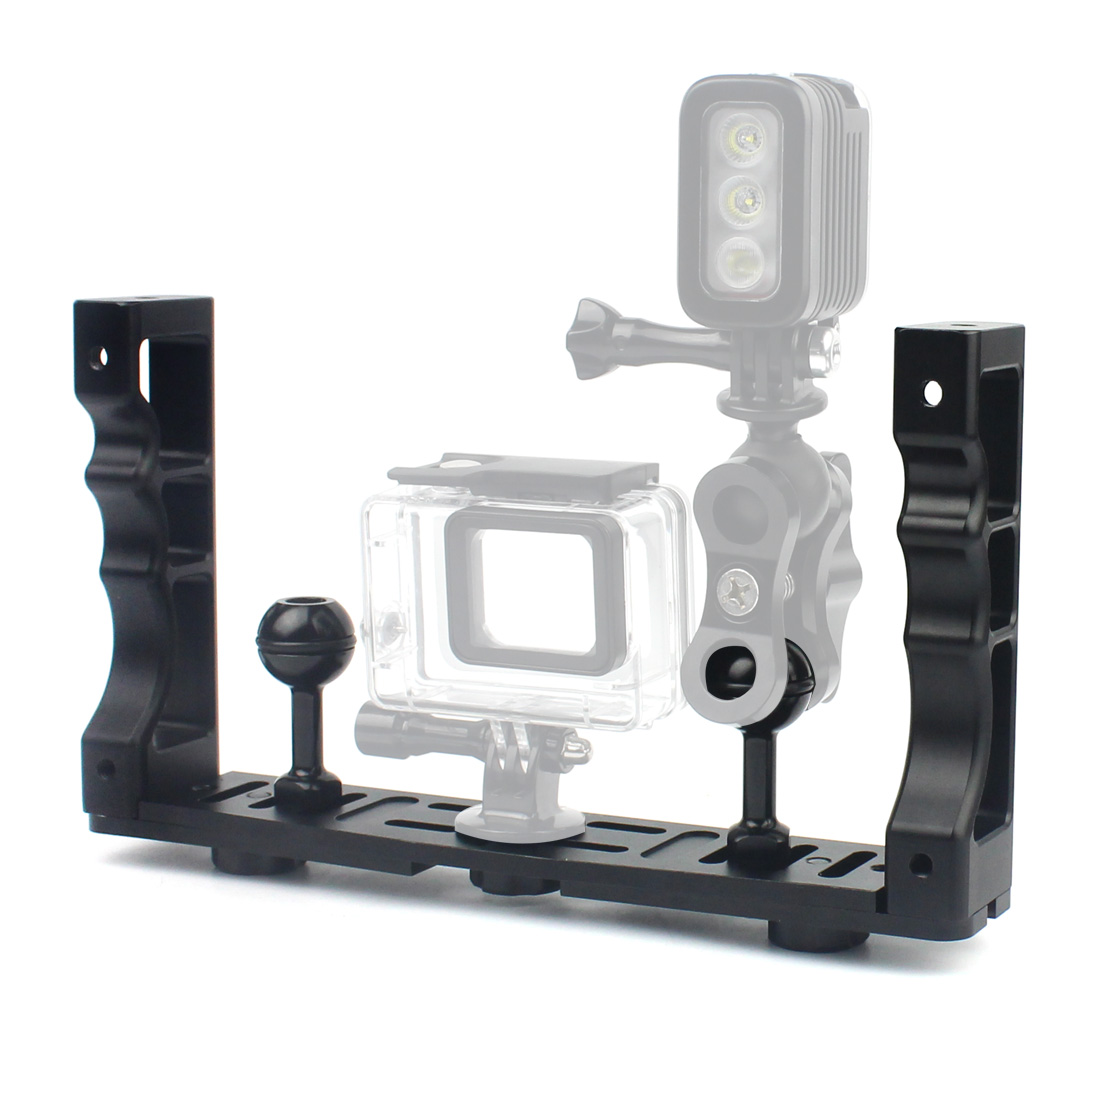 CNC Алюминий Сплав Ручка Стабилизатор установка ручной подводный дайвинг лоток крепление/светодио дный свет для камеры Go Pro DSLR